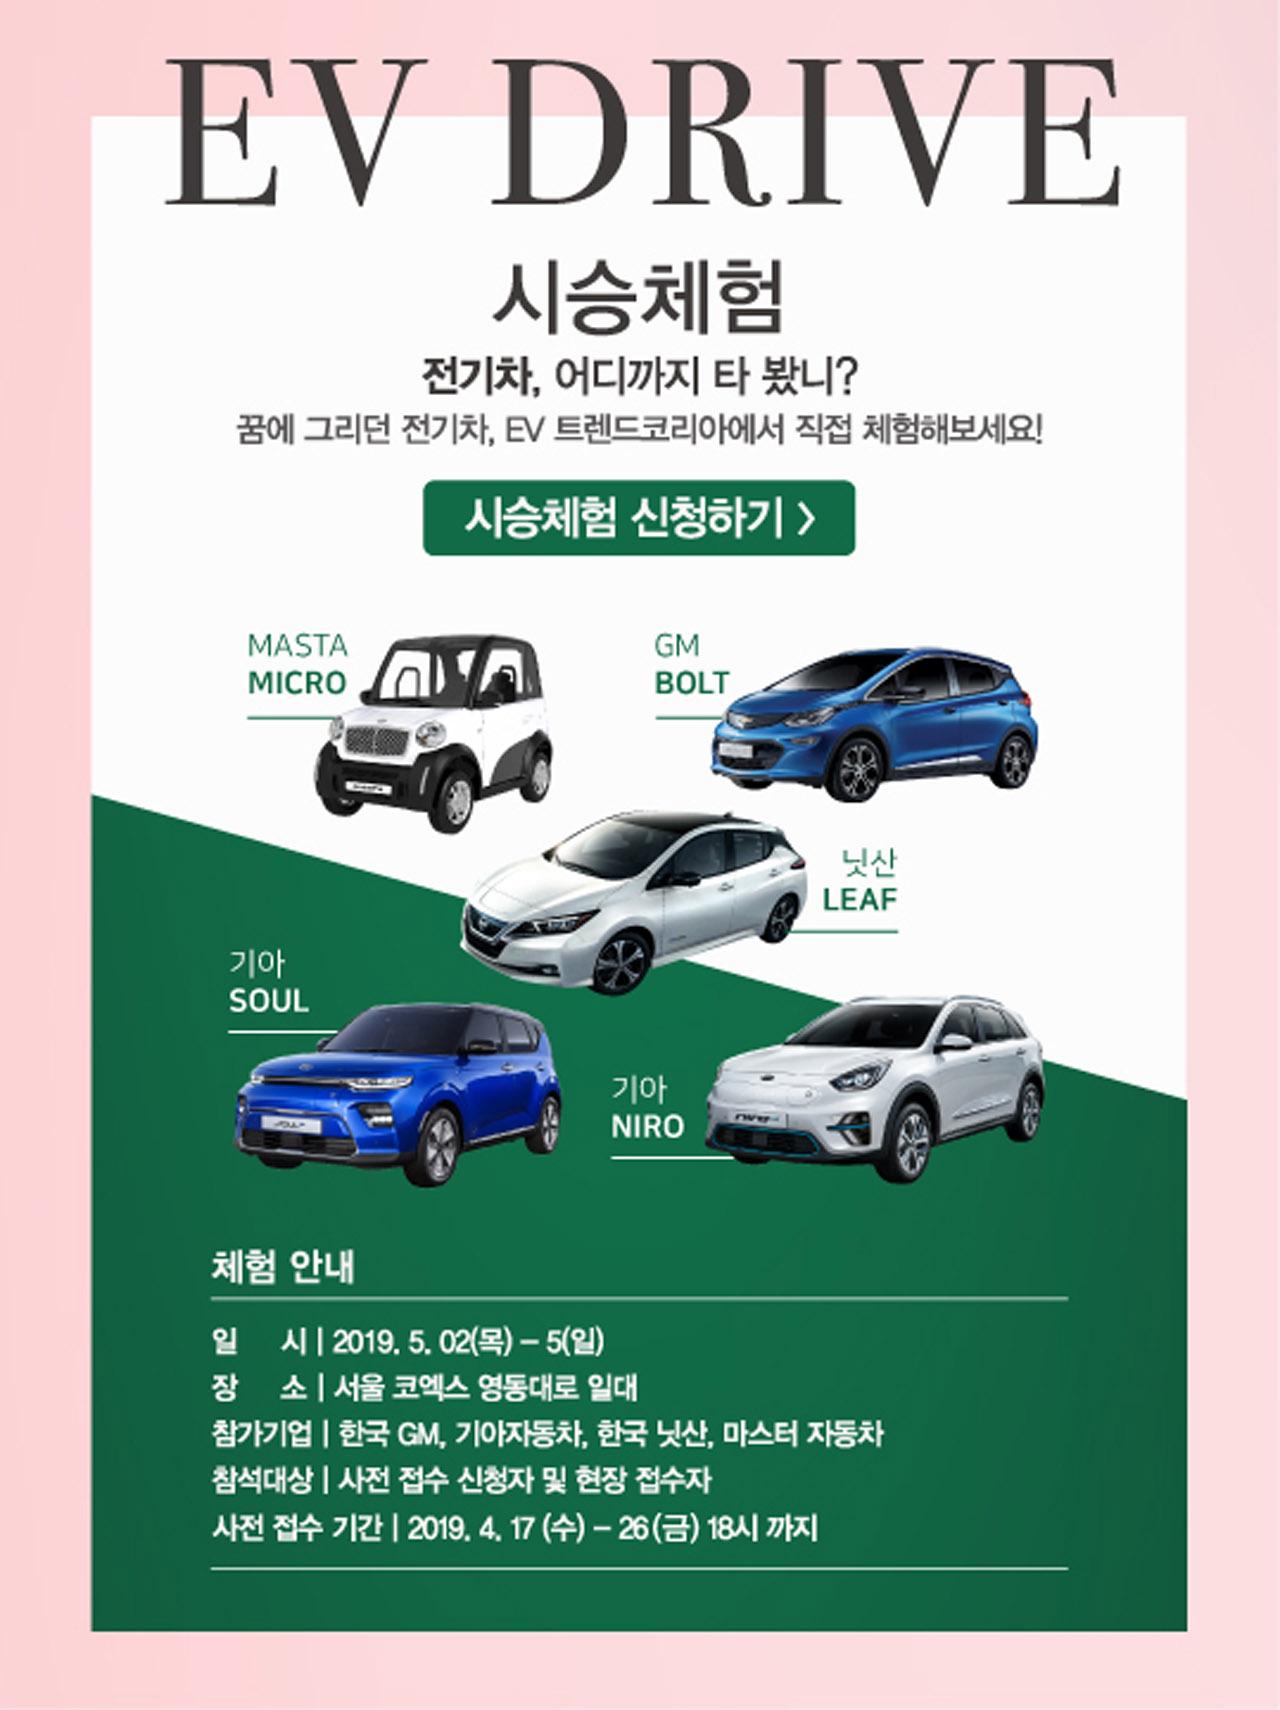 EV 트렌드 코리아 2019 시승행사_참고이미지